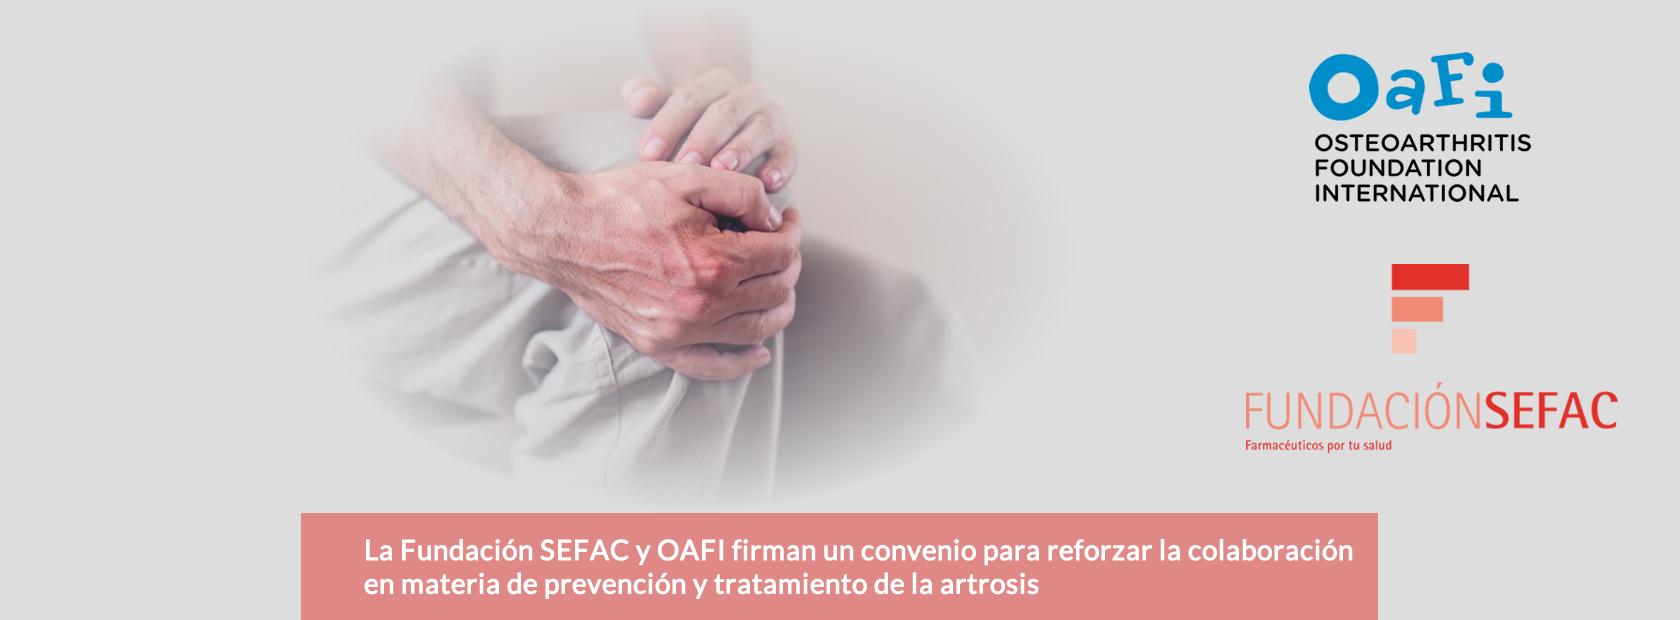 Fundación SEFAC y OAFI